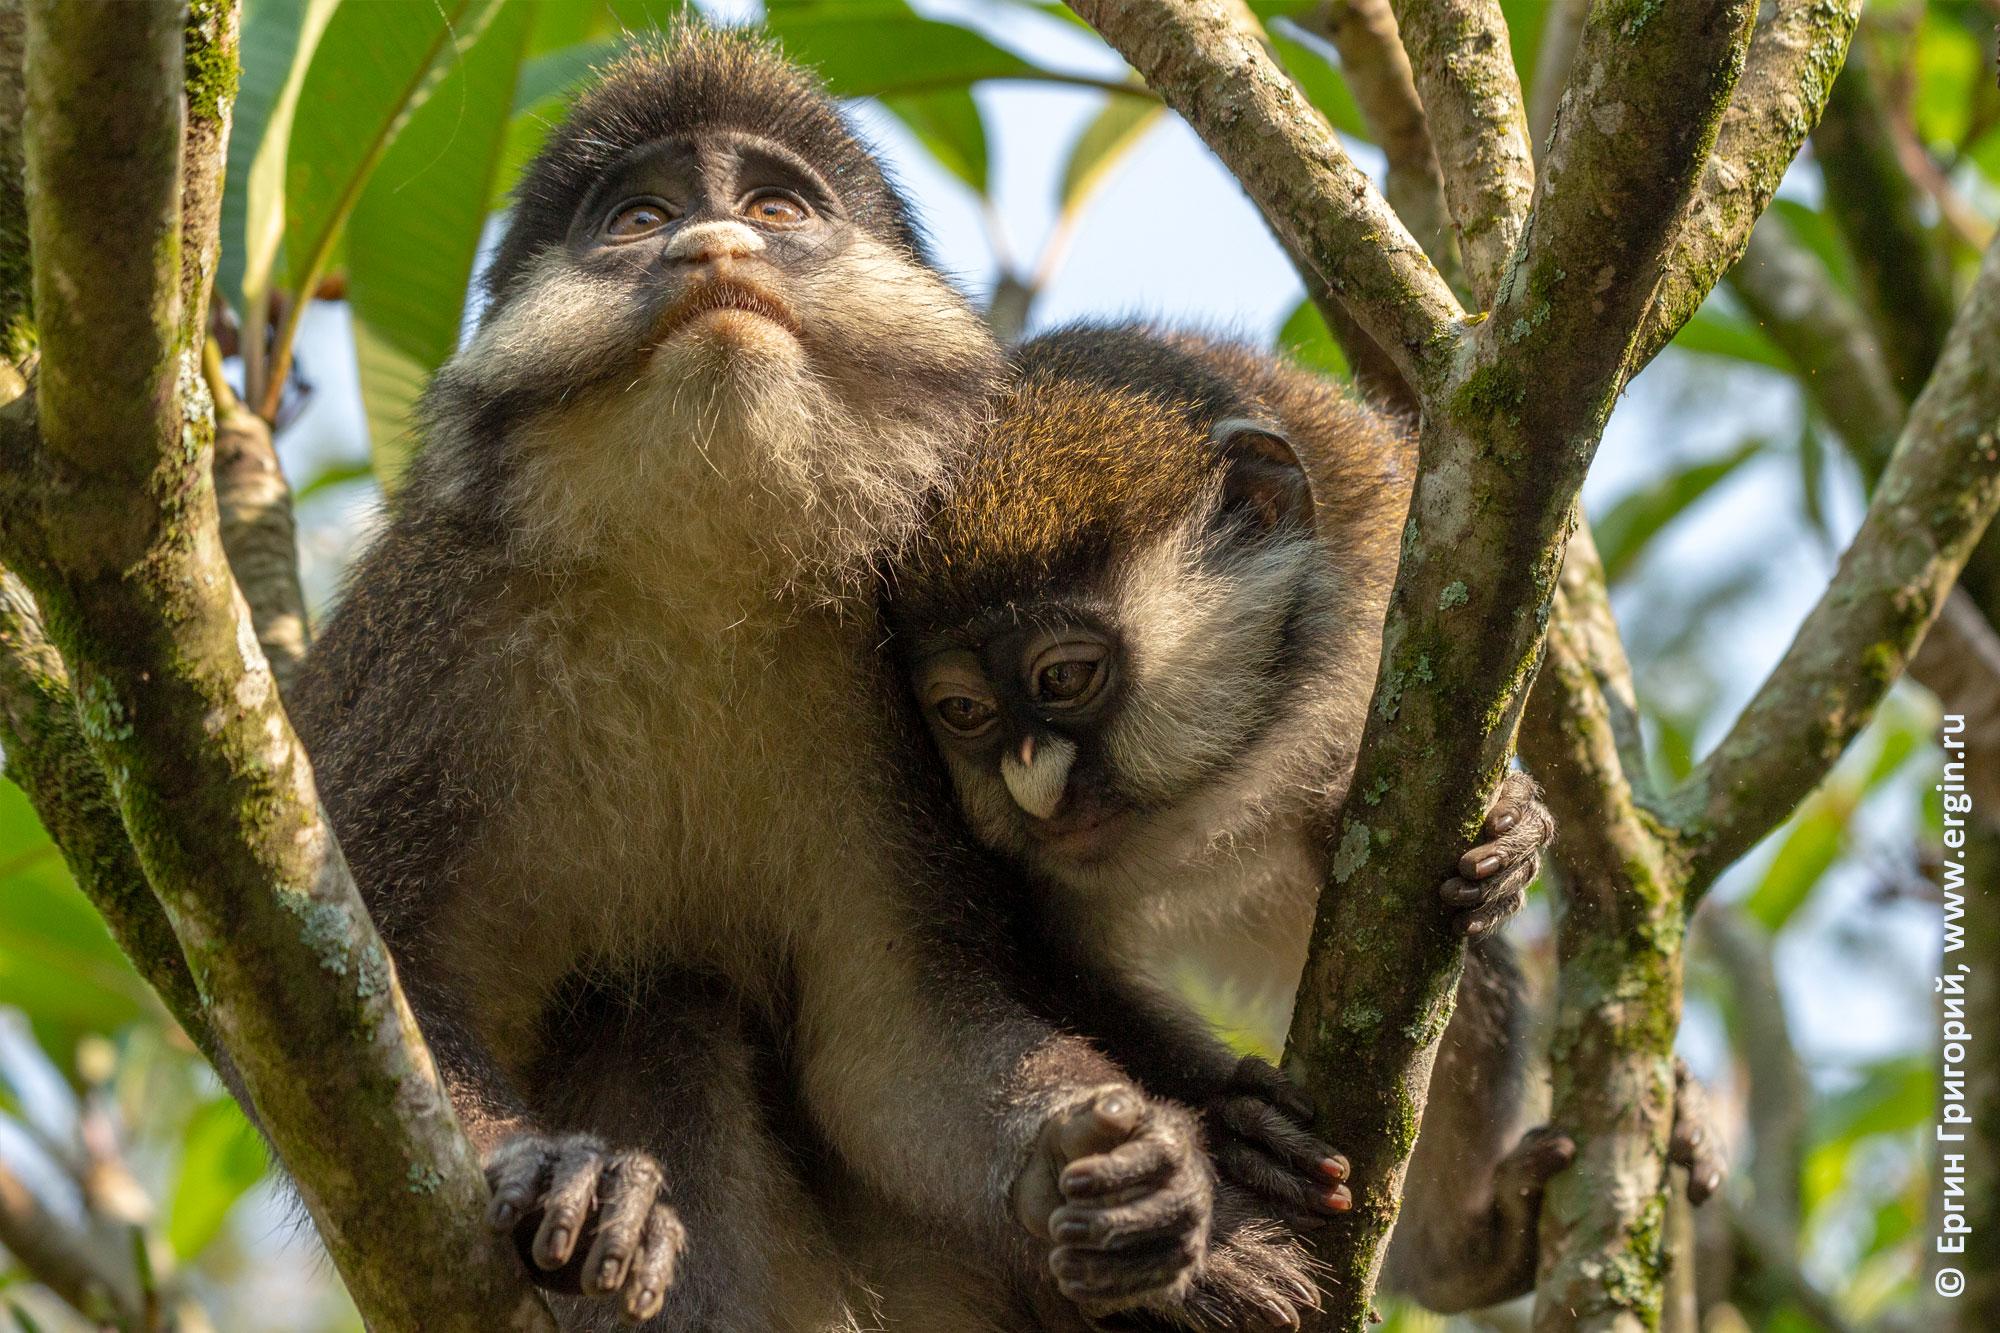 В Уганде грустят обезьяны краснохвостые